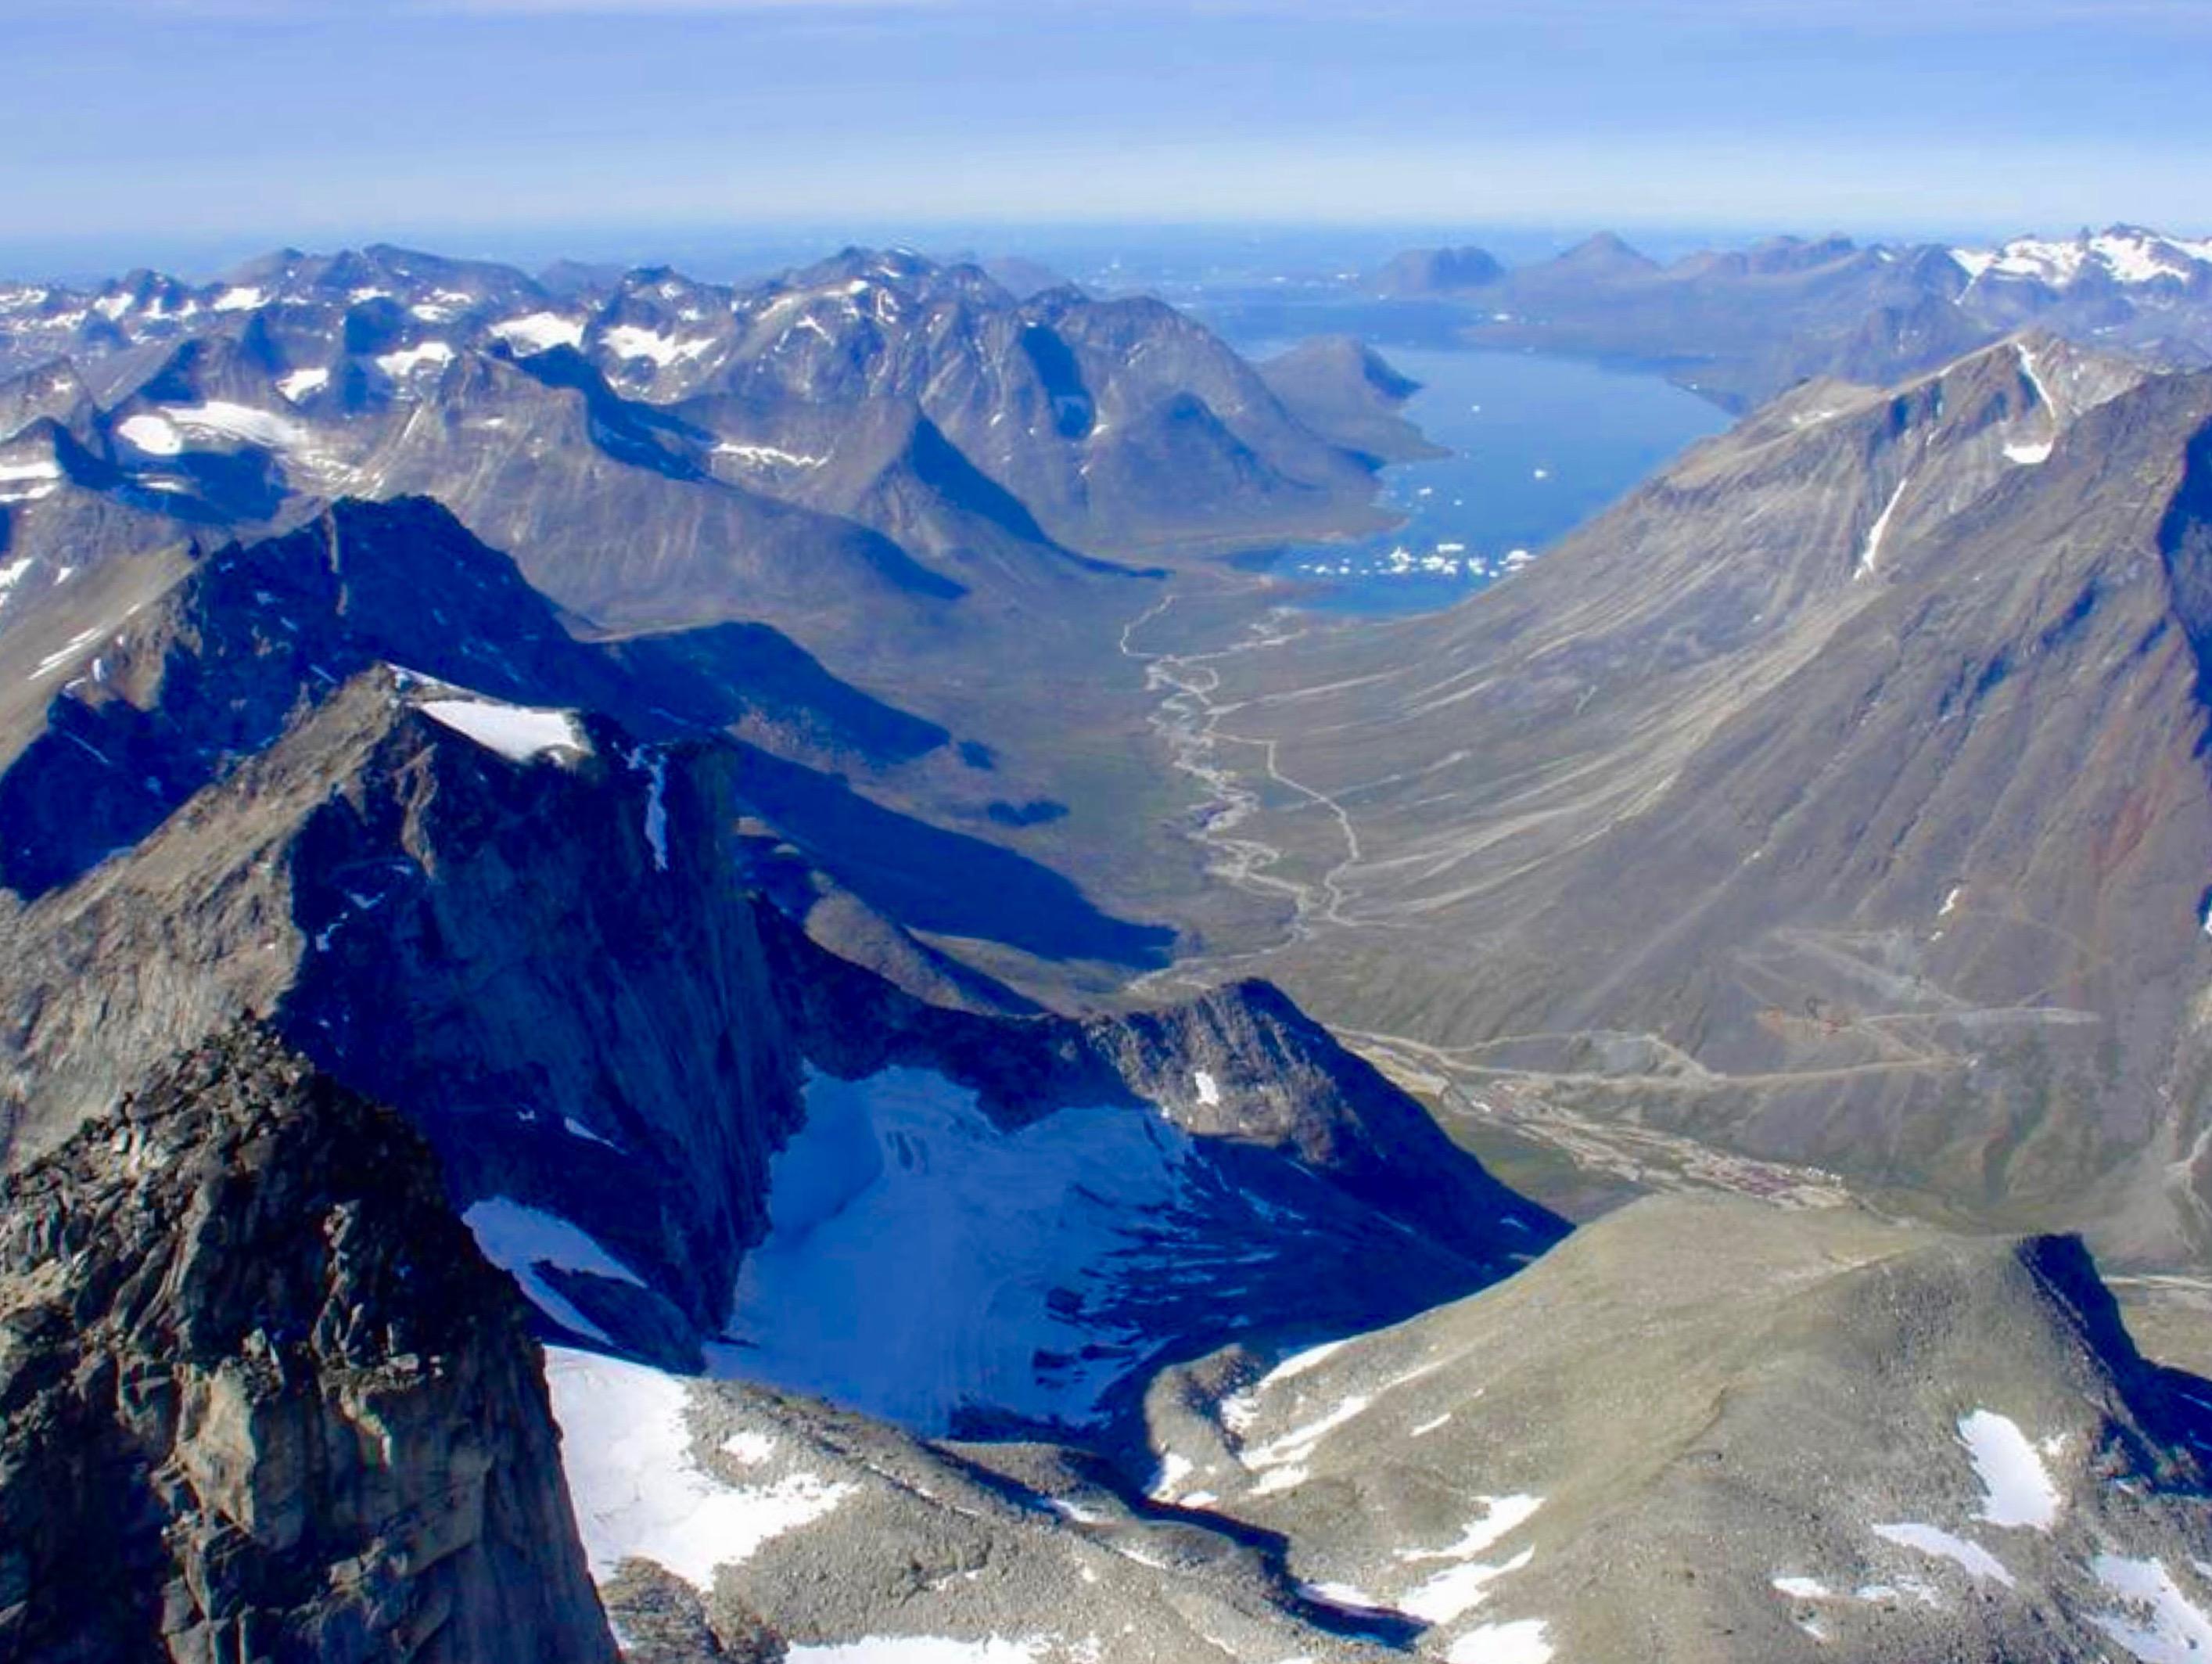 Nalunaq_Gold_Mine_Greenland_Wikimedia (1).jpg